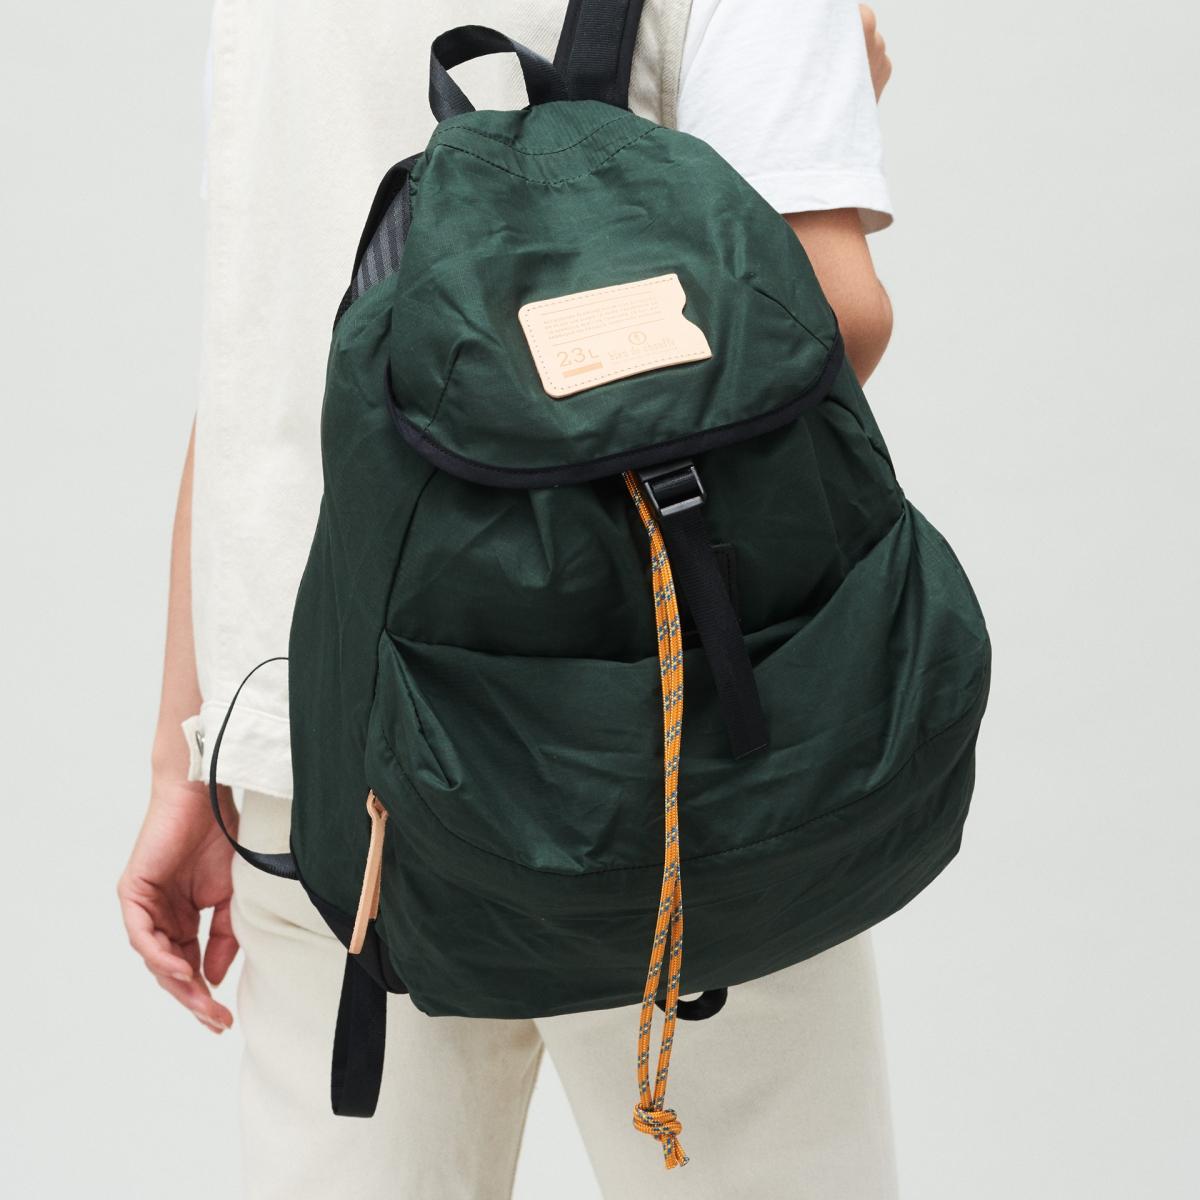 23L Bayou Backpack - Dark Khaki (image n°5)